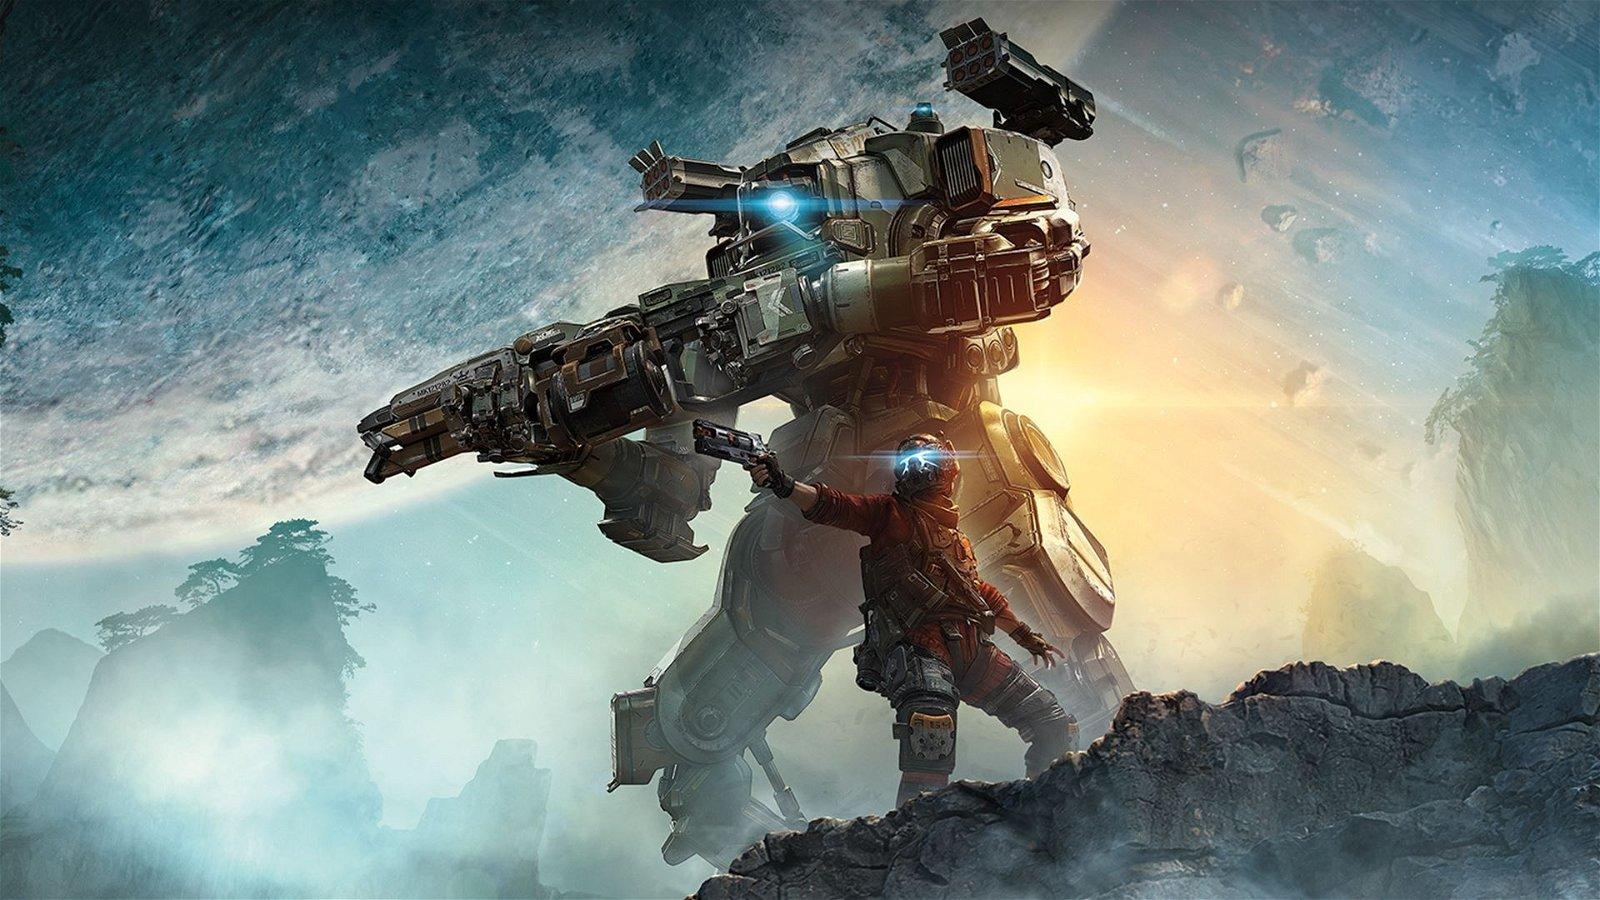 Crece la demanda de juegos en formato digital para consola